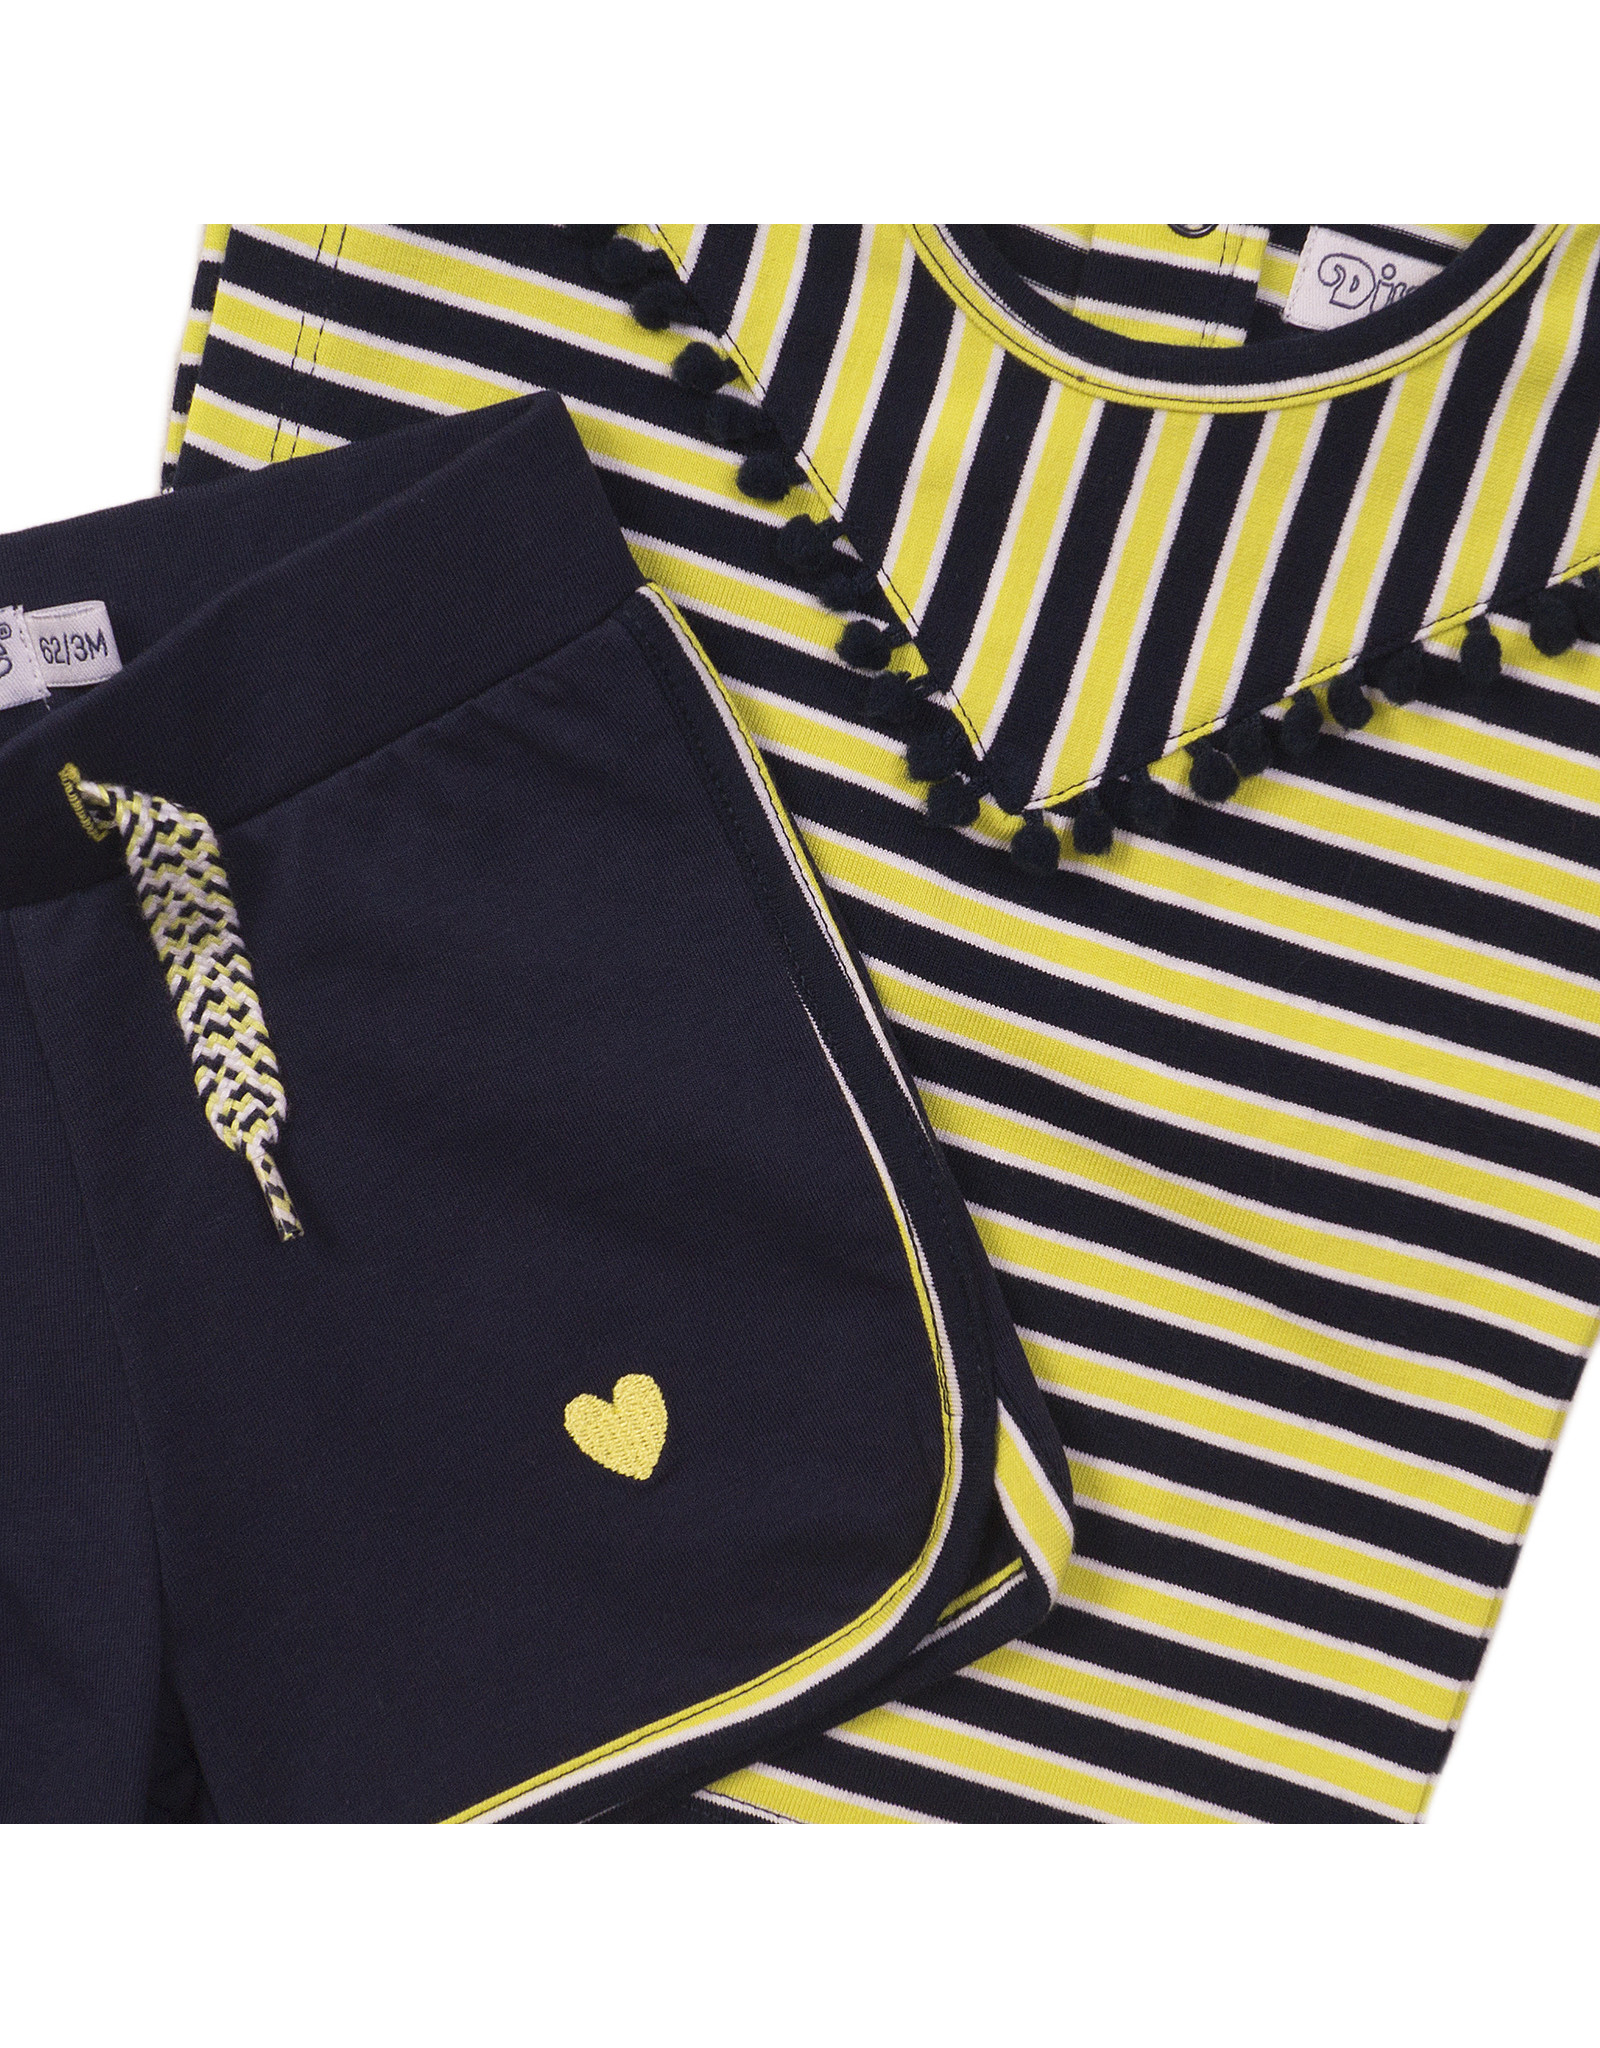 Dirkje Dirkje baby meisjes setje stripe Navy Yellow